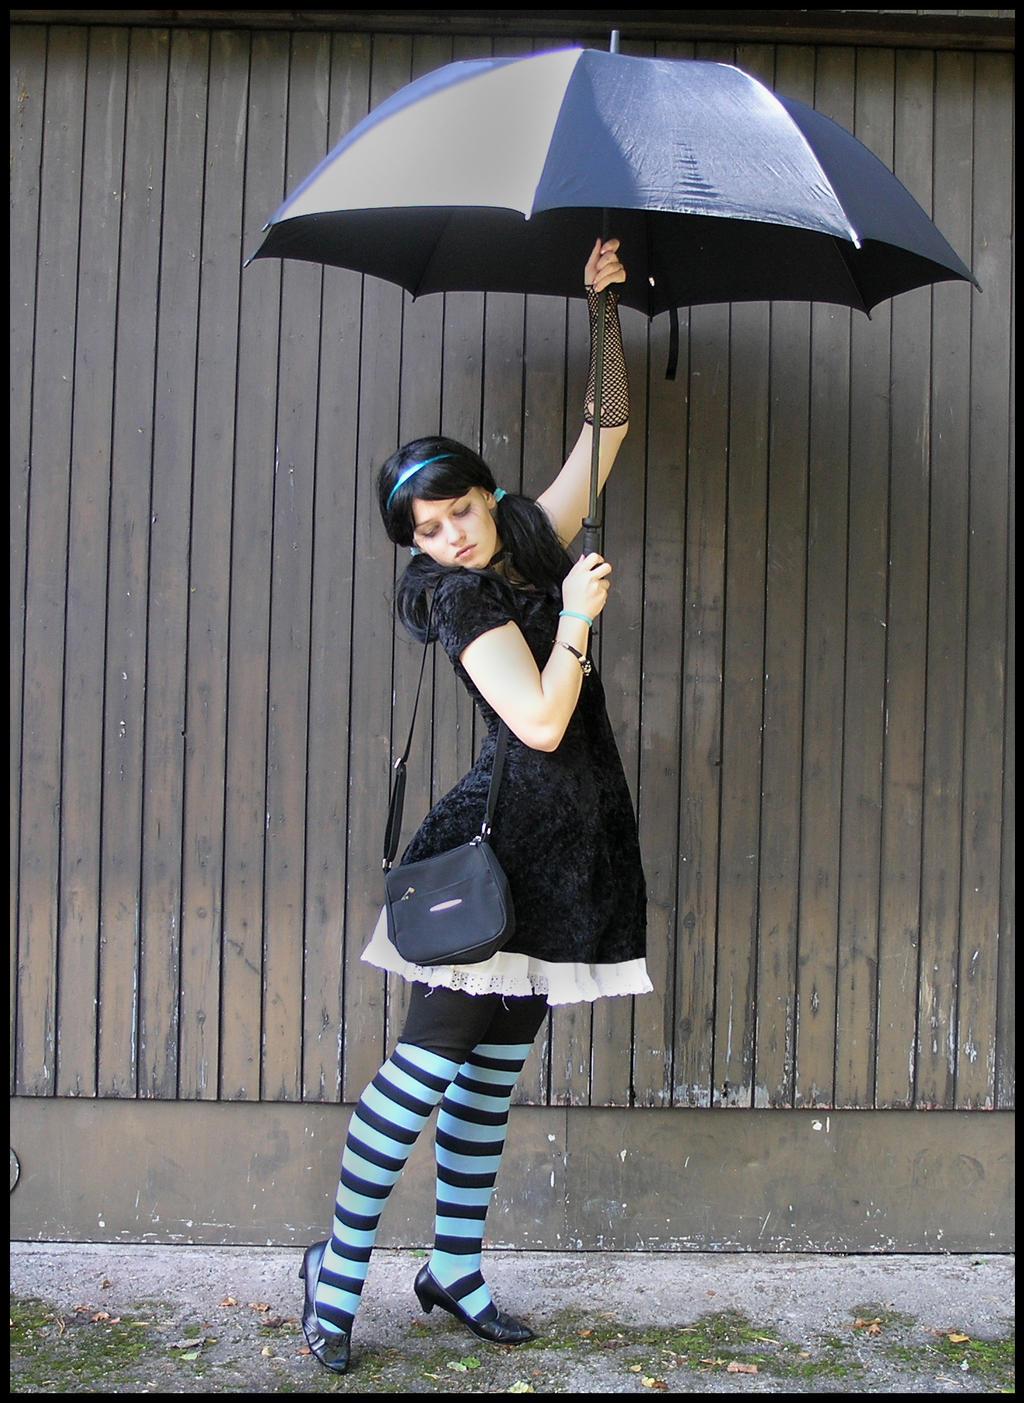 Umbrella V